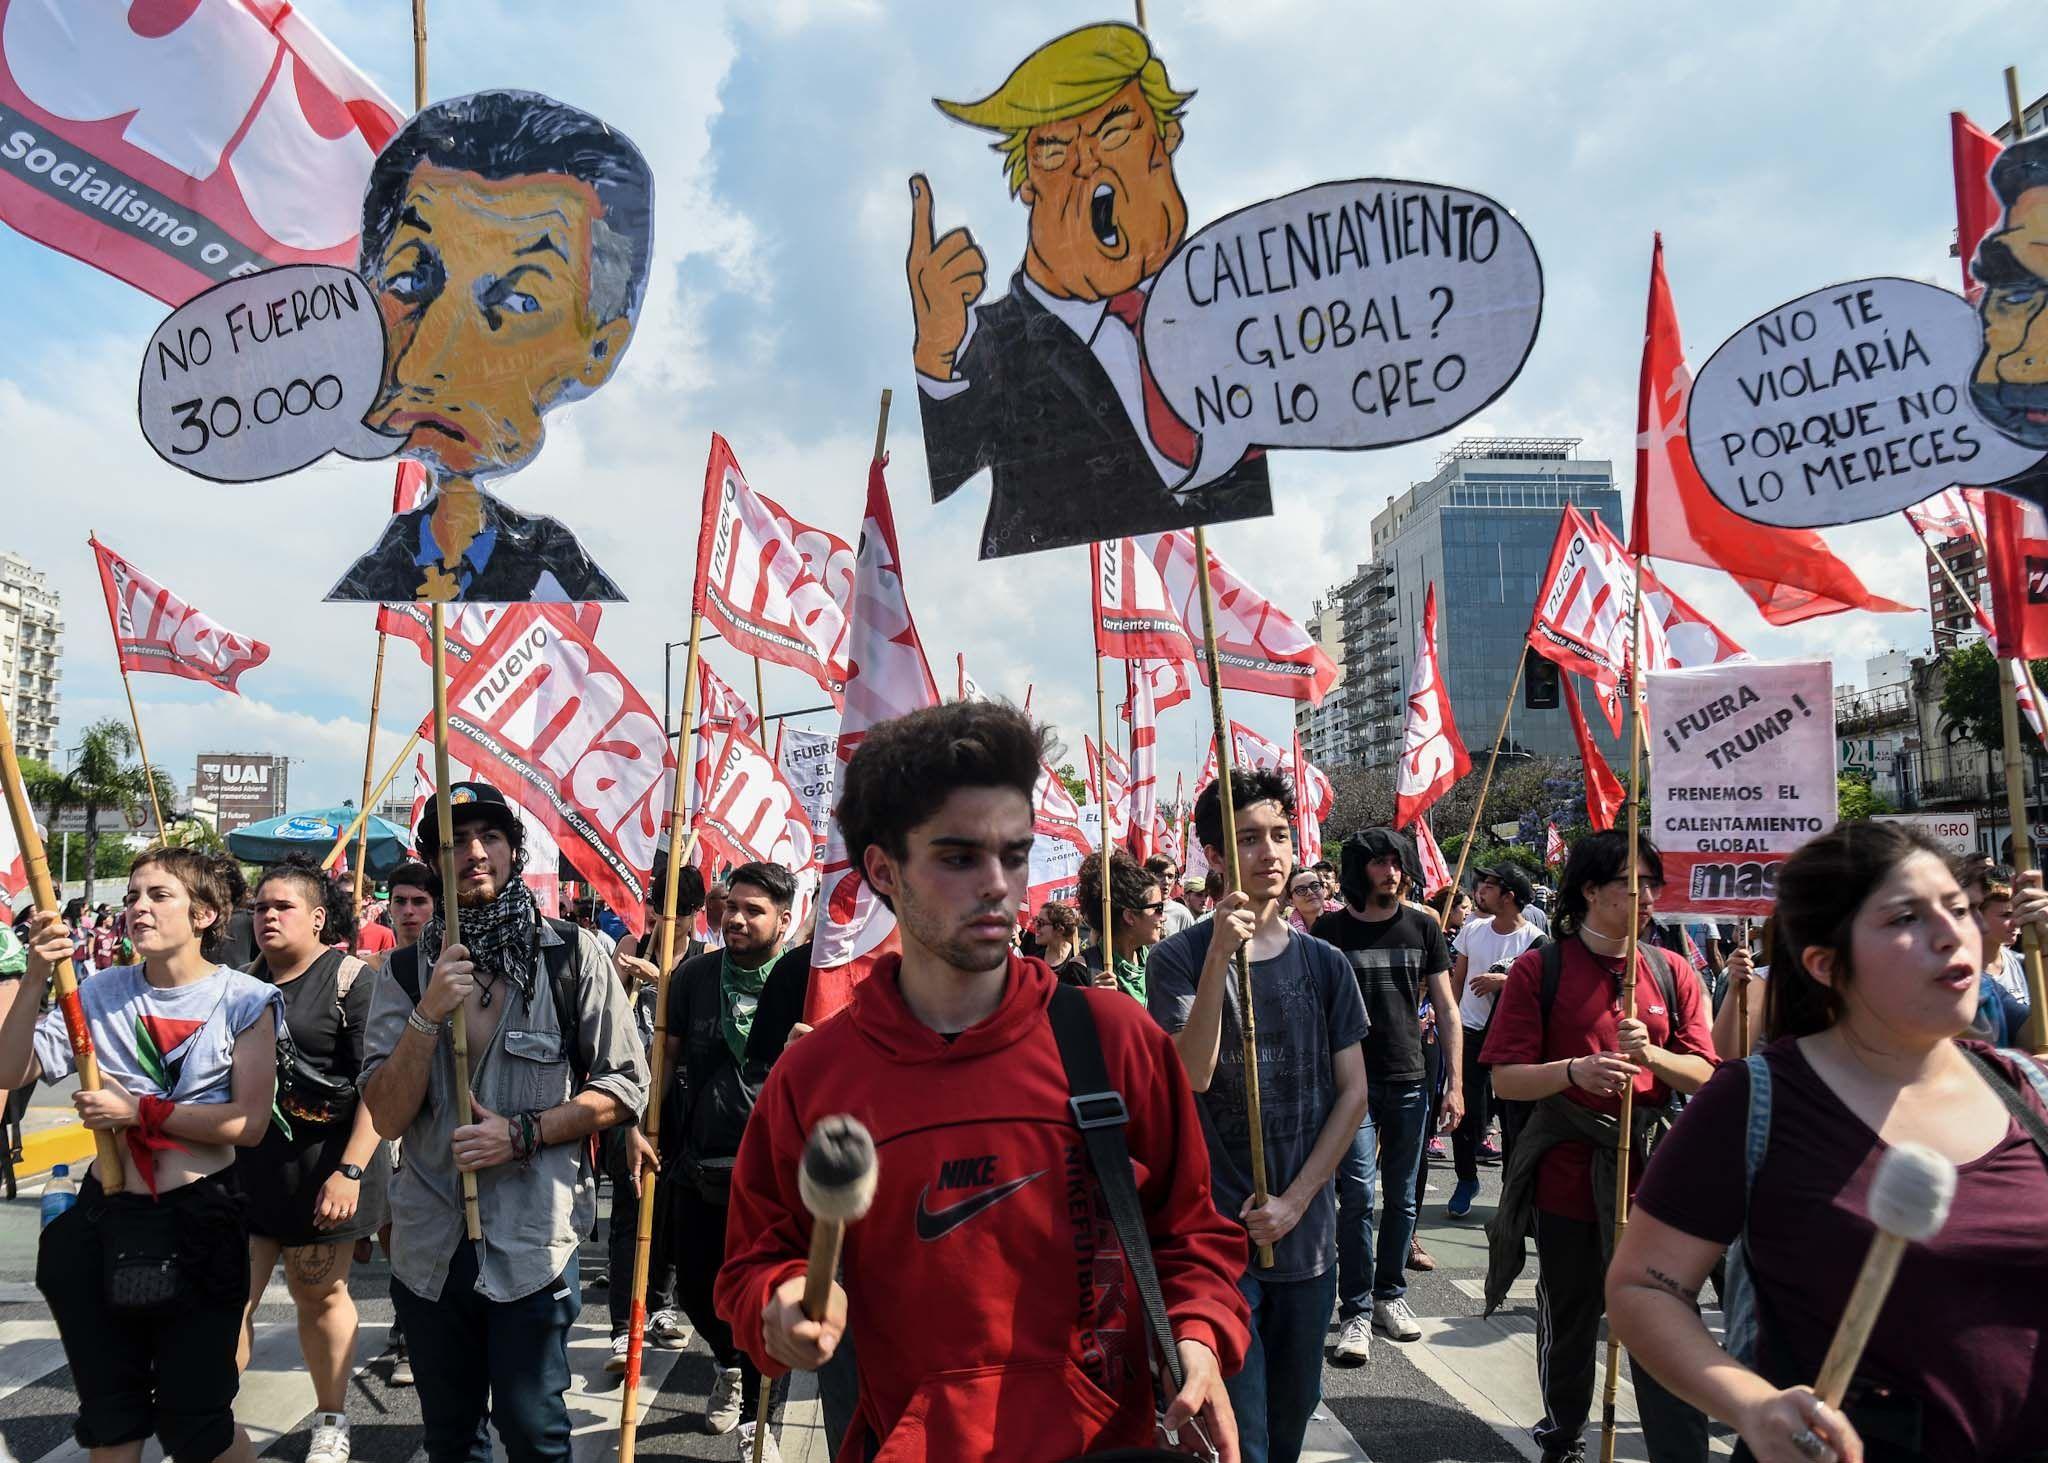 Marcha contra el G20 en Buenos Aires